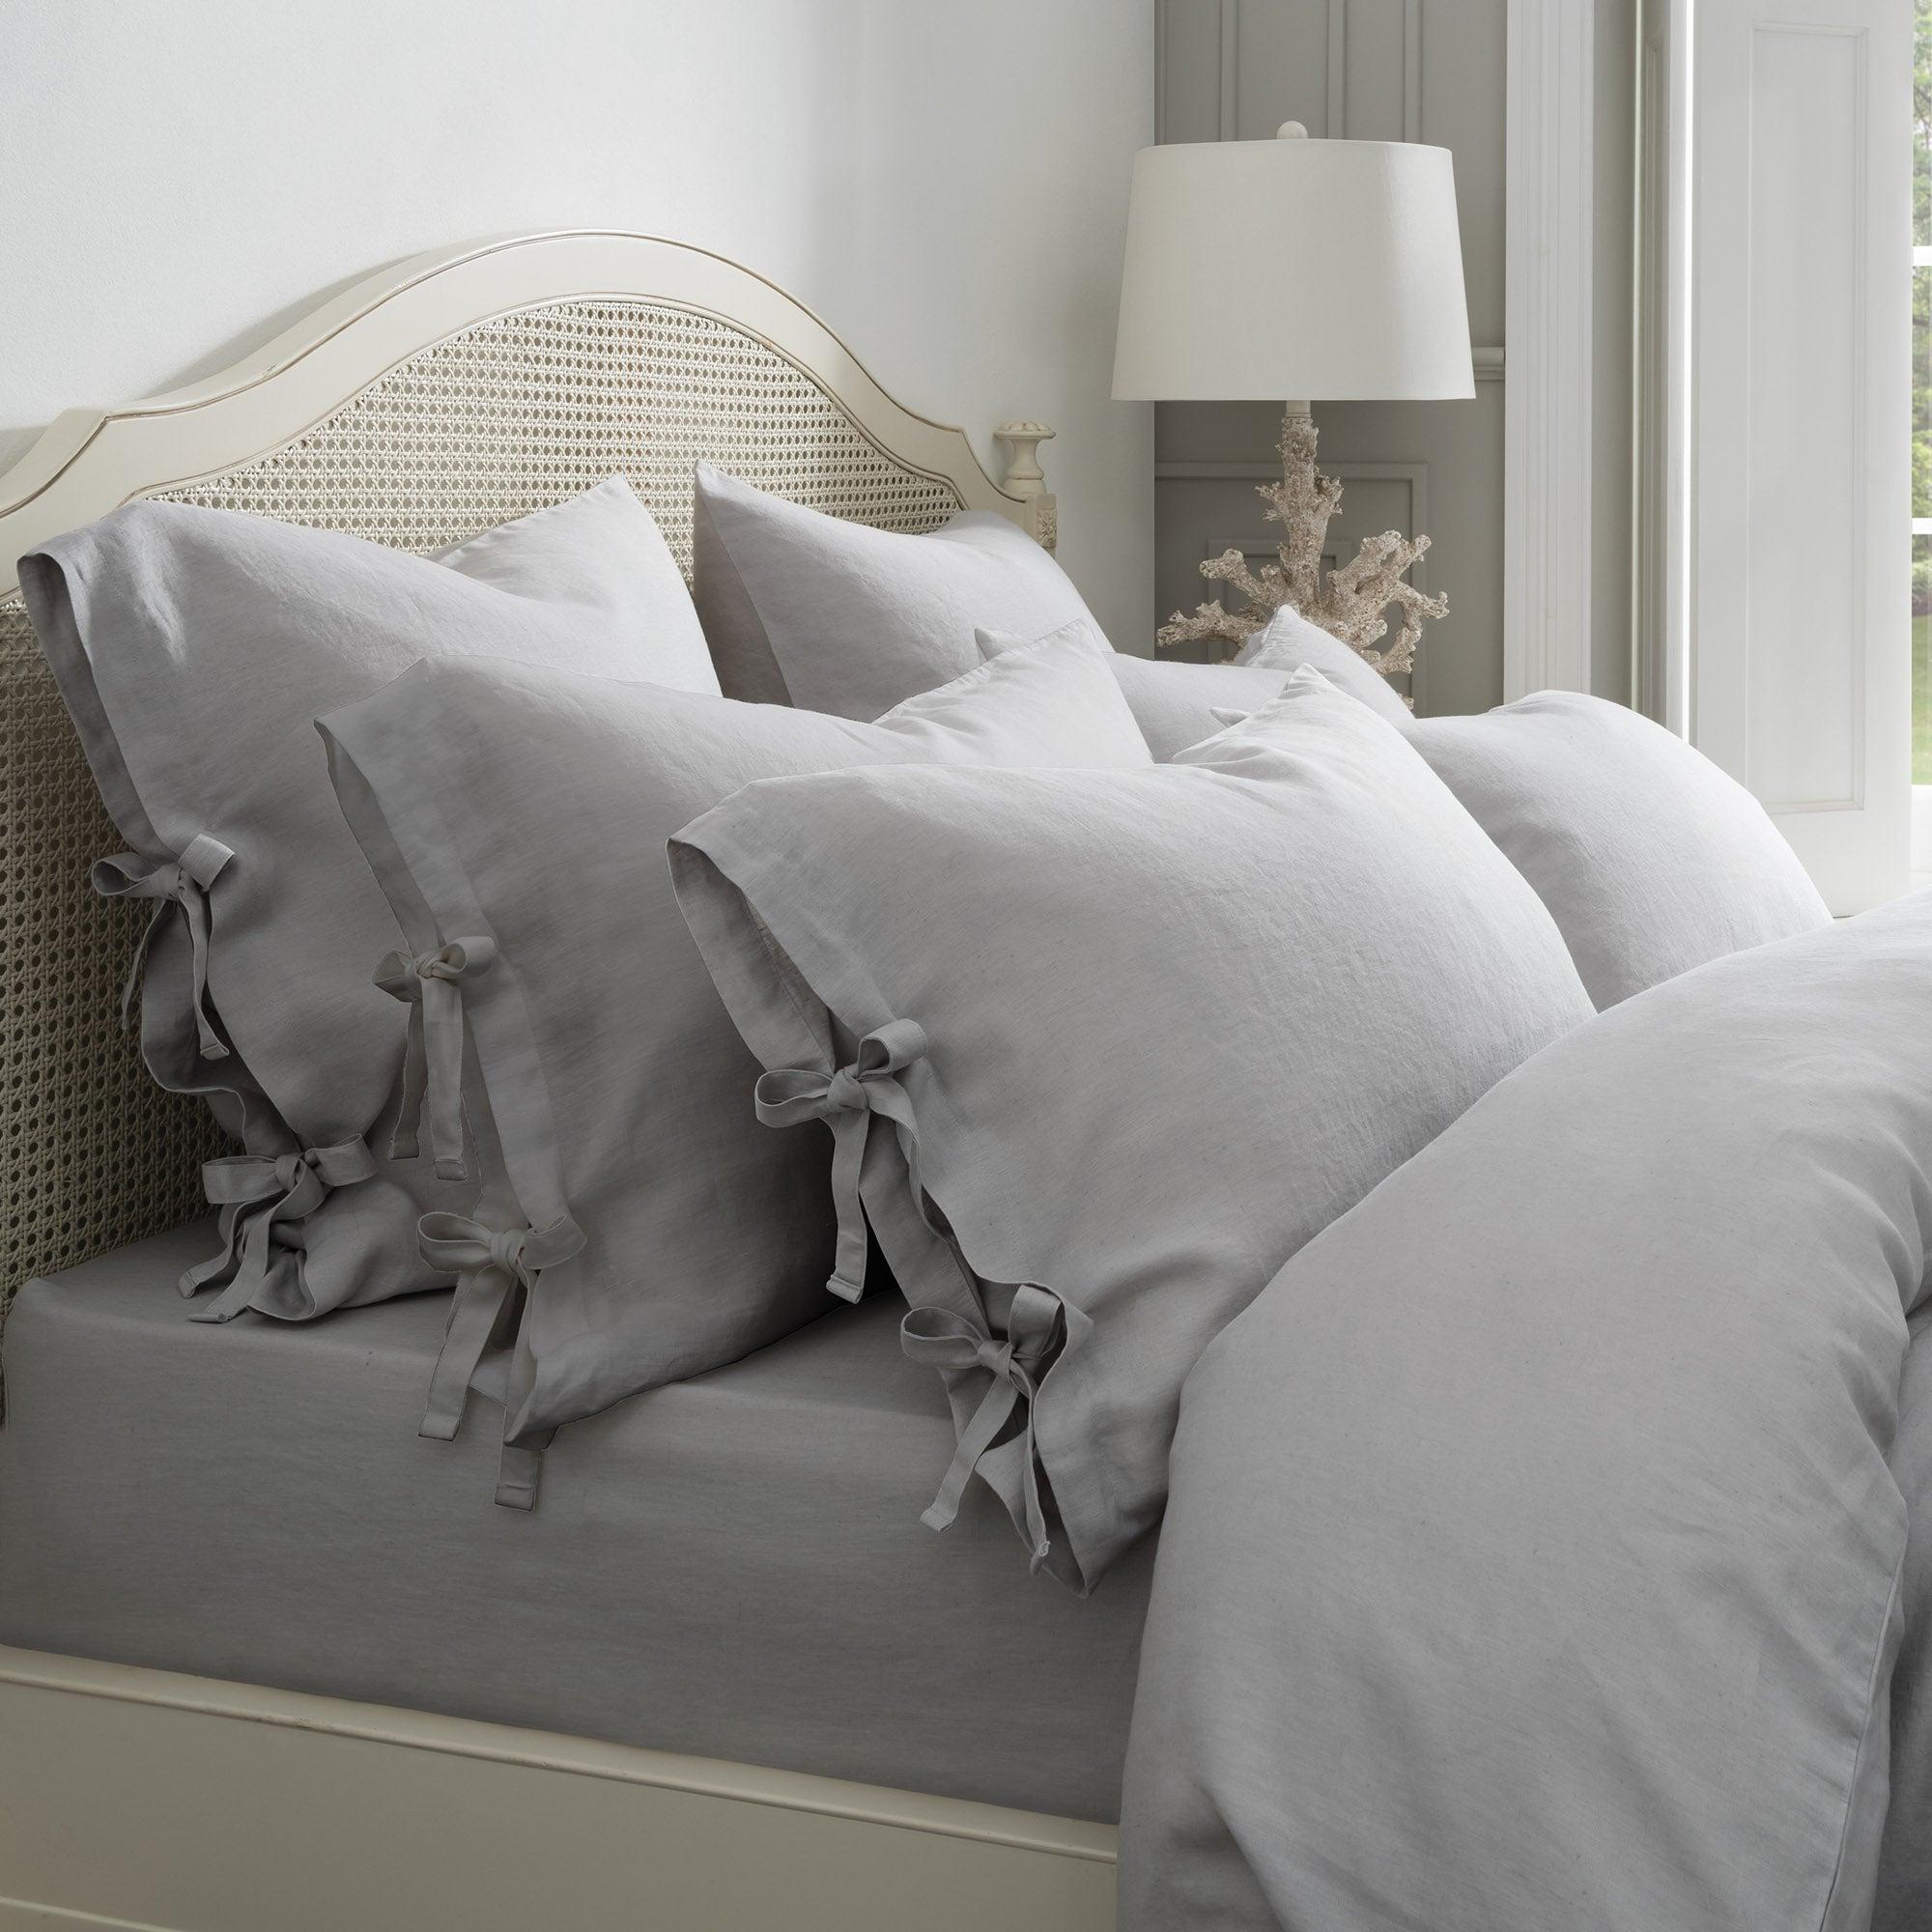 Image of Dorma 100% Linen Grey Continental Pillowcase Grey